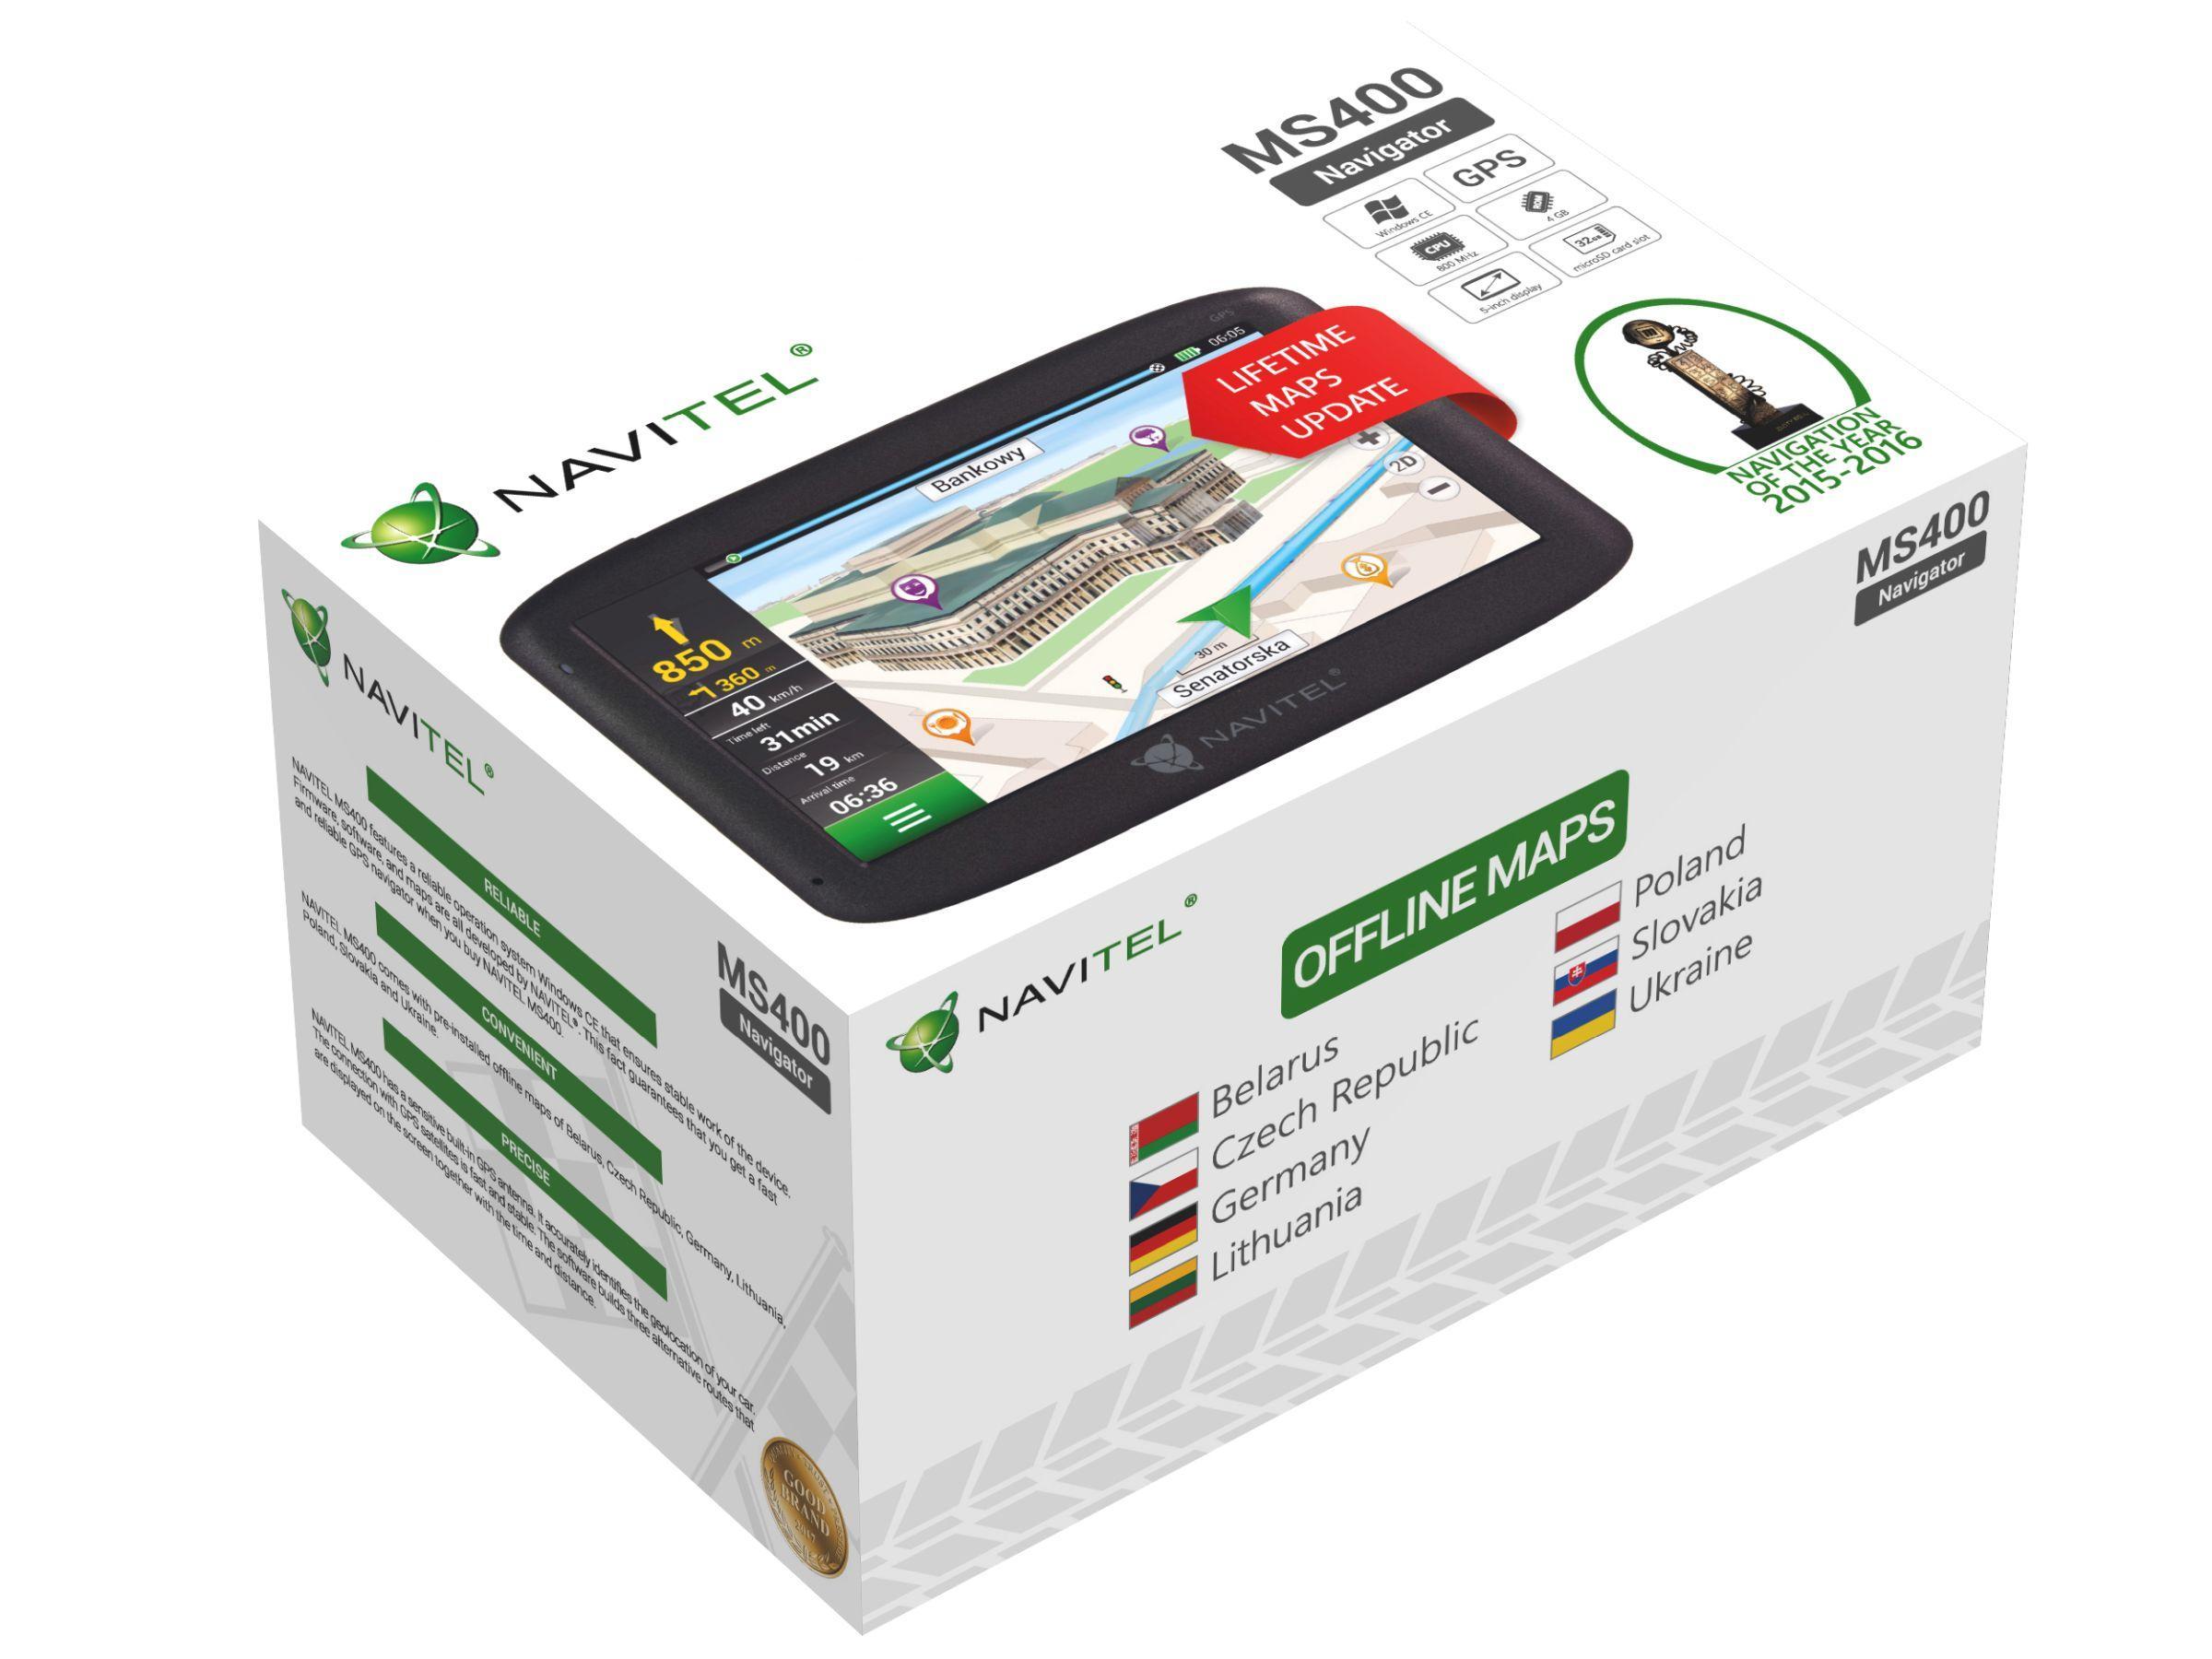 NAVMS400 Navigatiesysteem NAVITEL - Bespaar met uitgebreide promoties